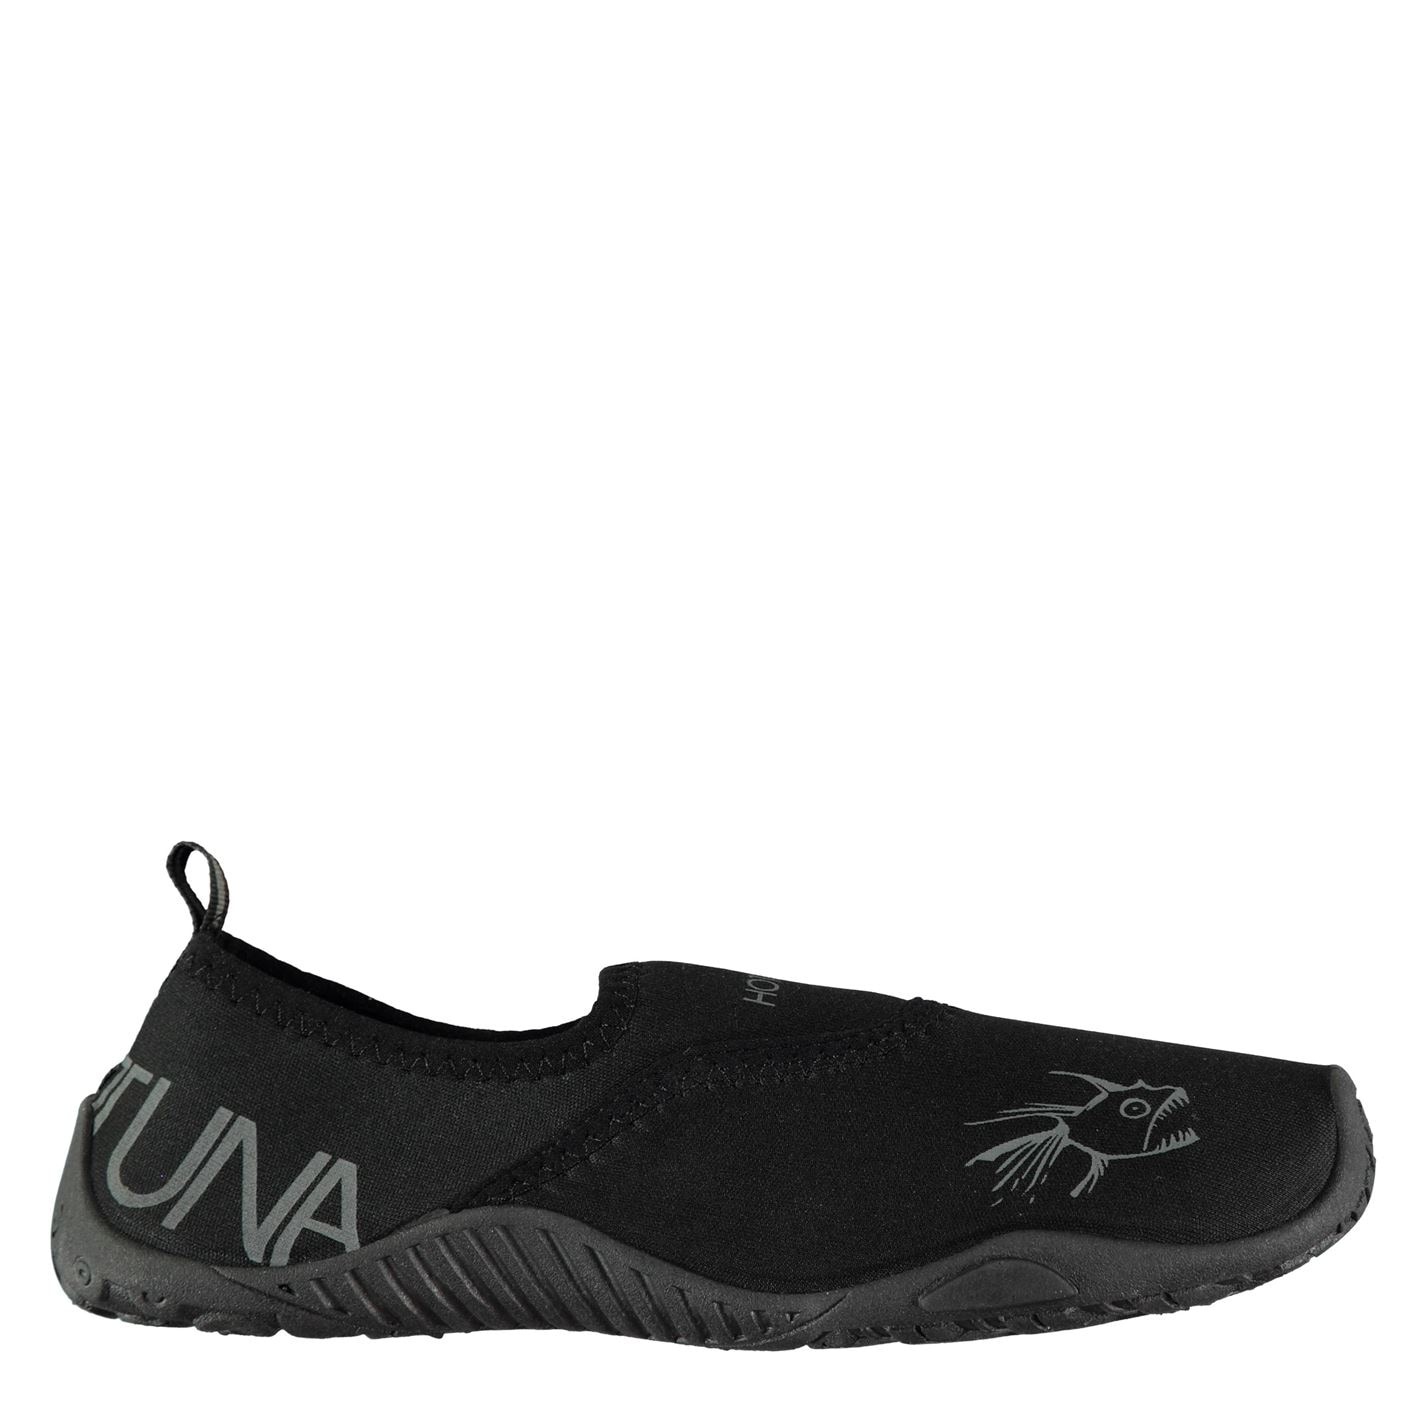 Pantofi apa Hot Tuna Aqua pentru copii negru